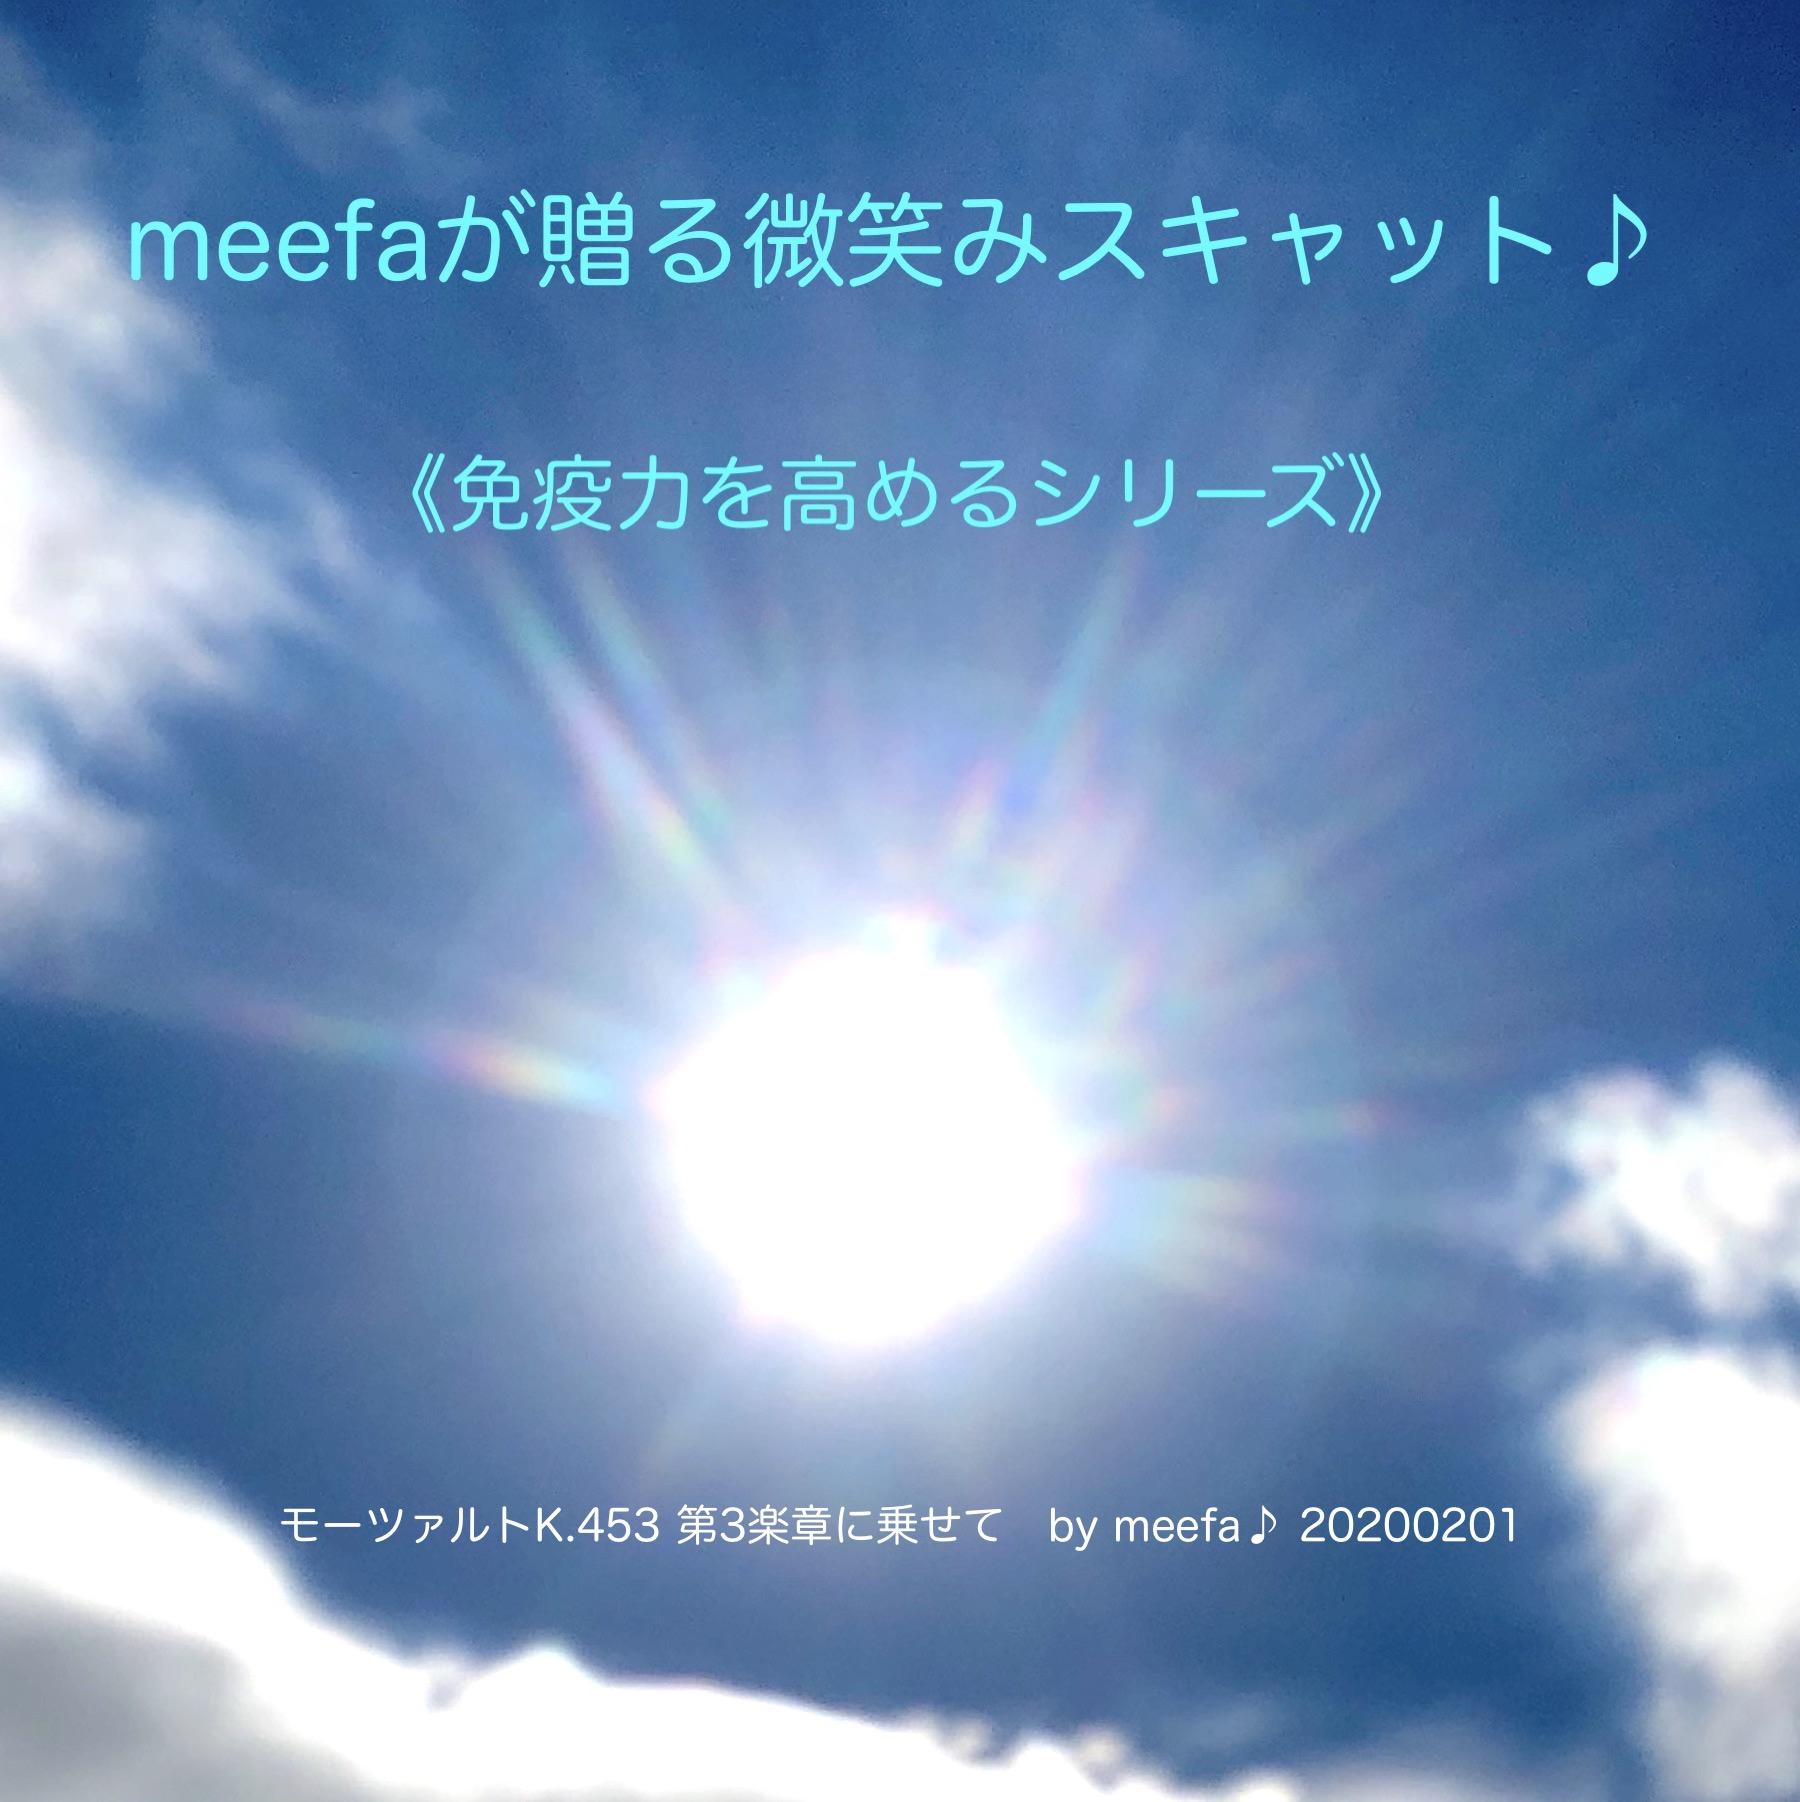 2020年2月1日の太陽の輝きのフォトにmeefaが贈る微笑みスキャットのバナー♪